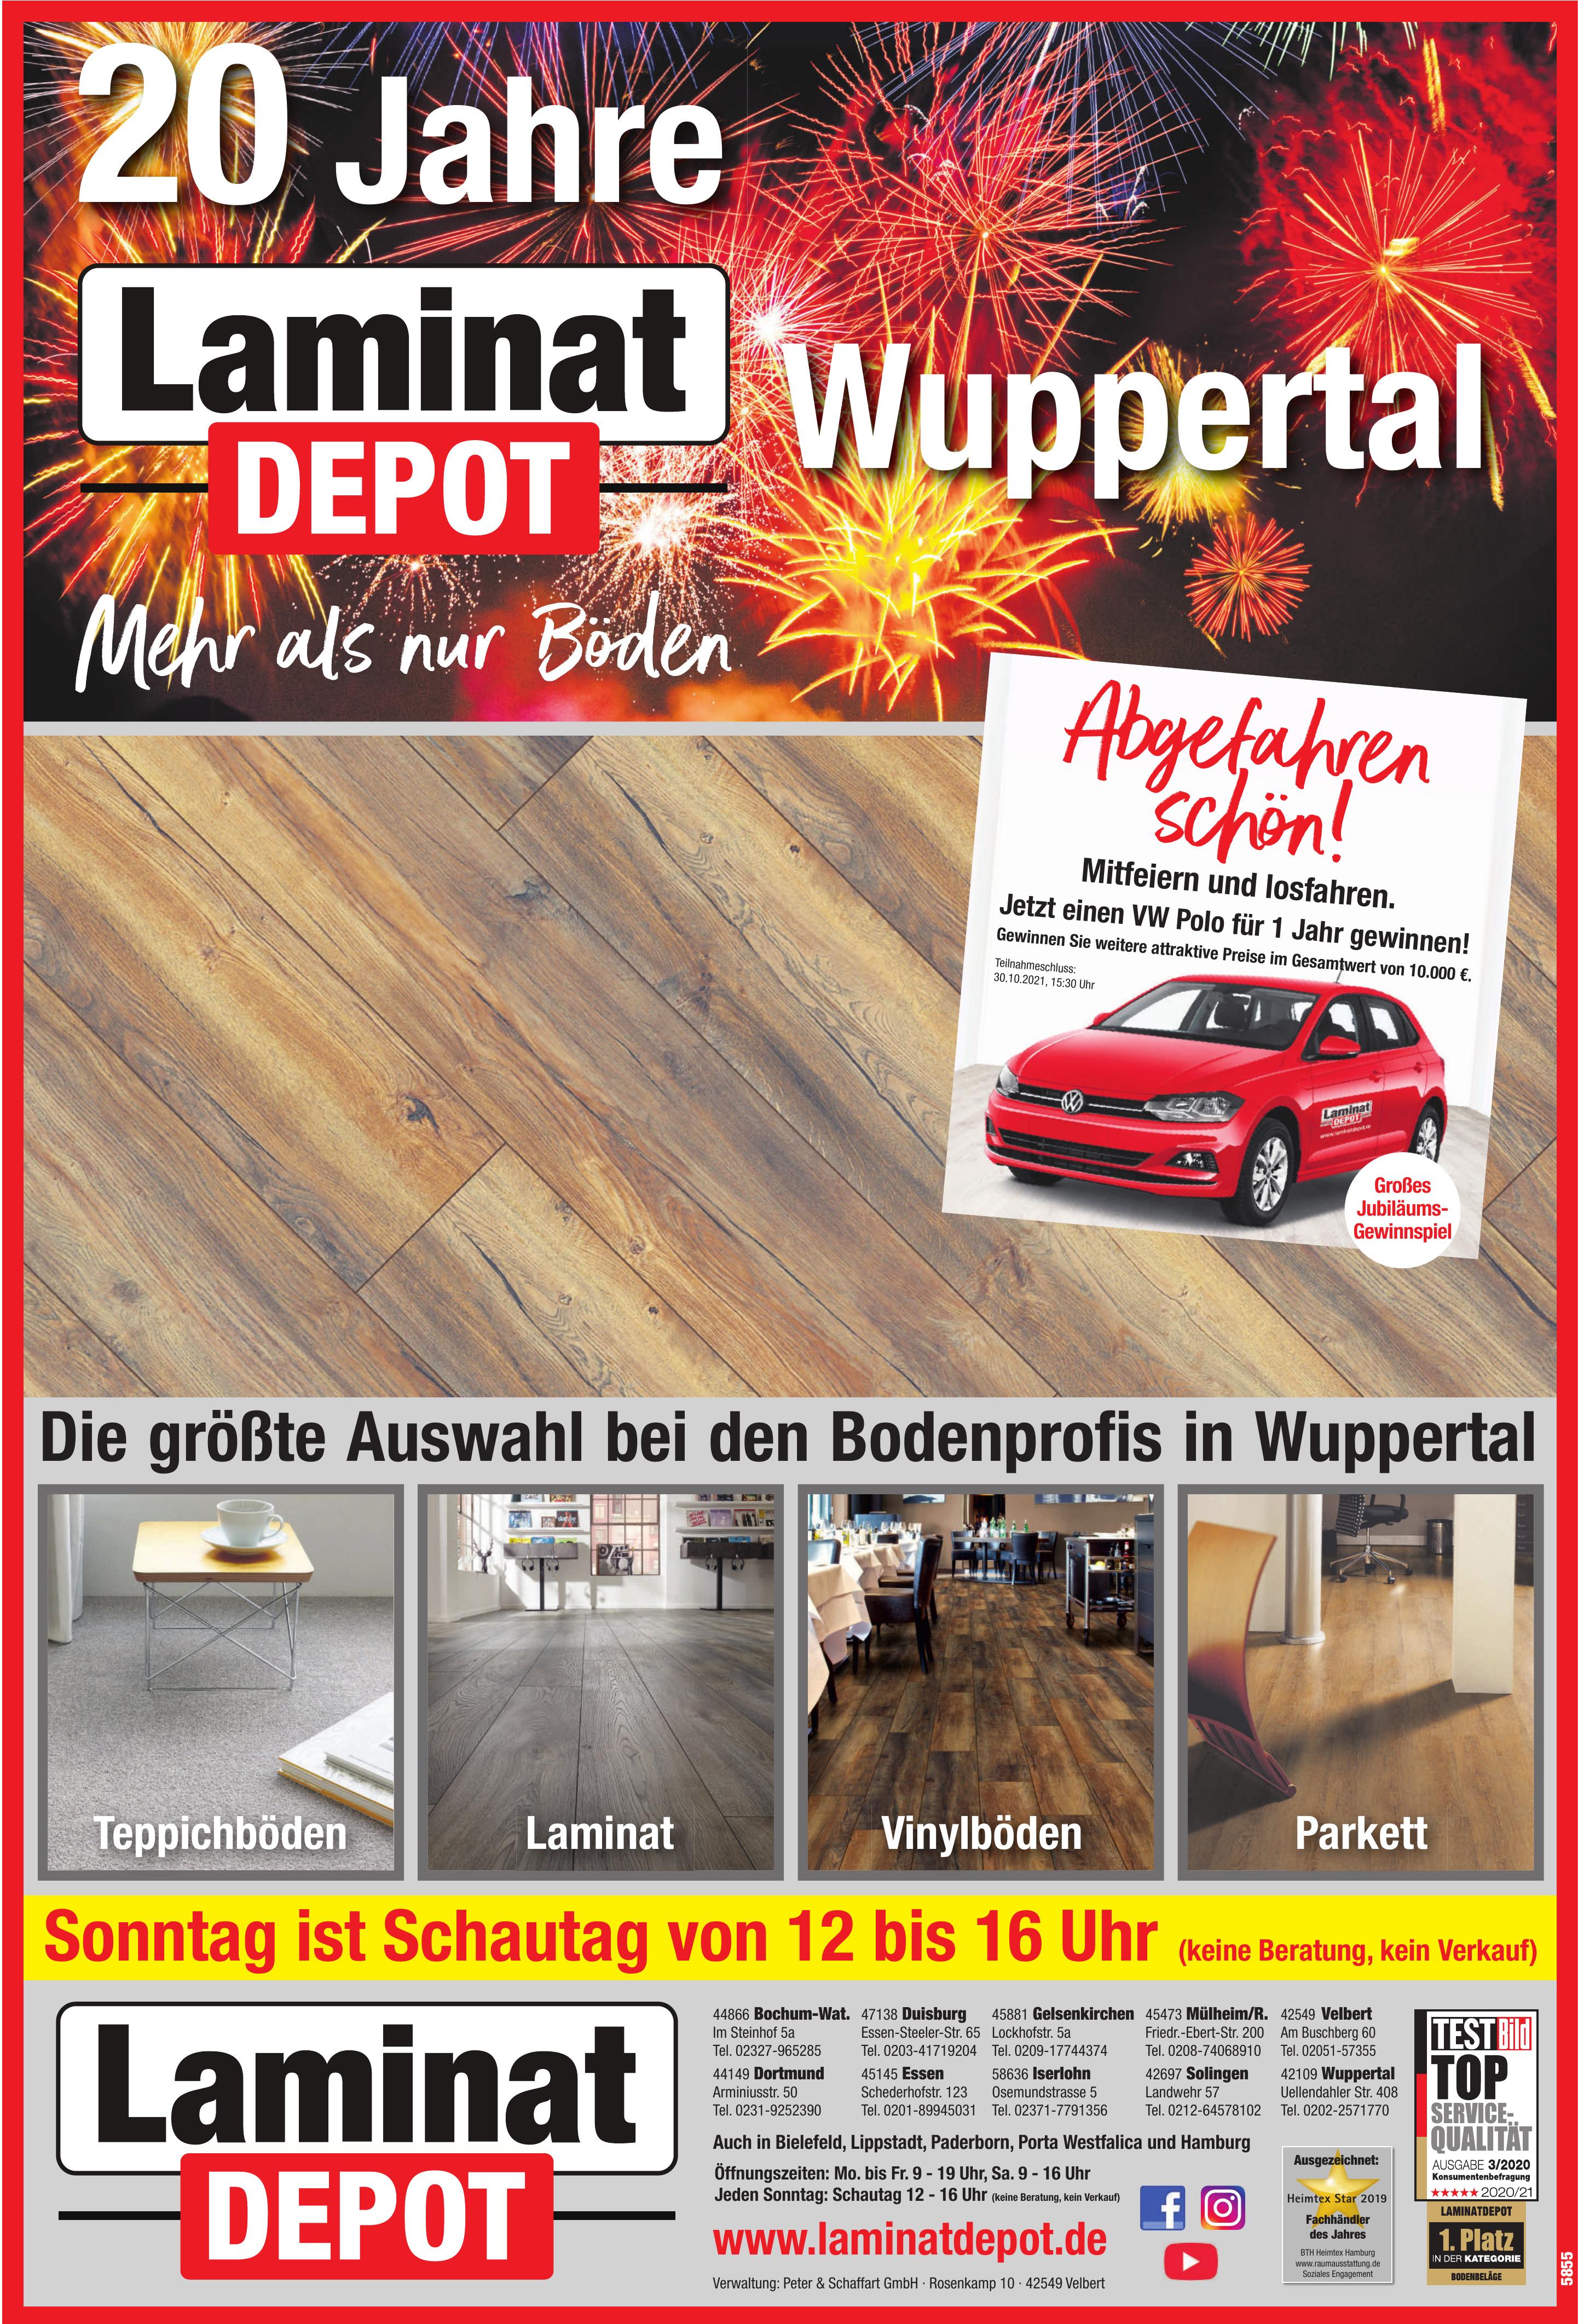 Laminat Depot - Peter & Schaffart GmbH